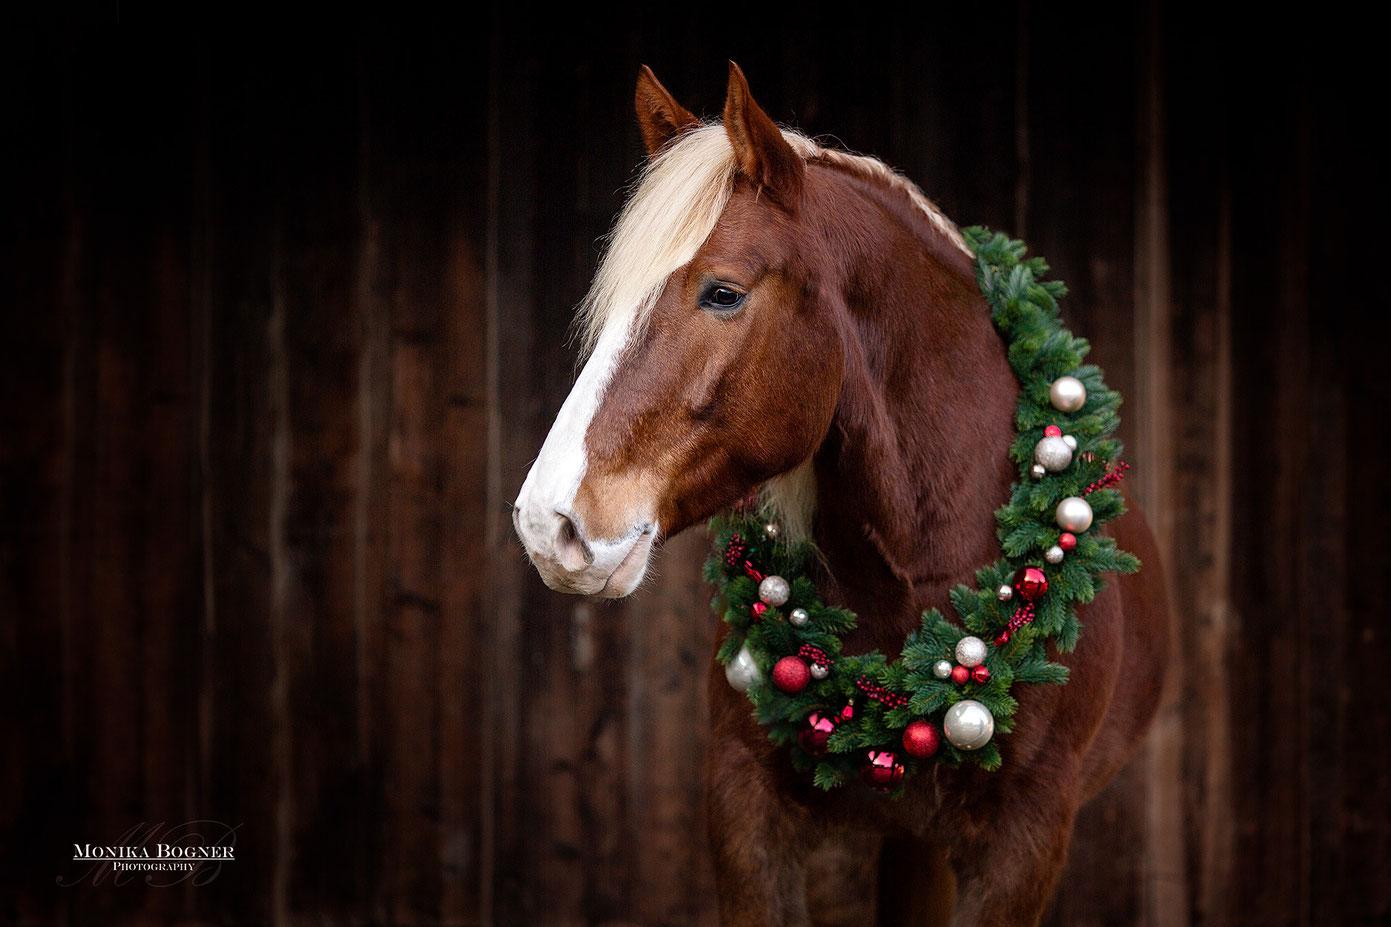 Pferdeshooting mit Weihnachtskranz, Süddeutsches Kaltblut